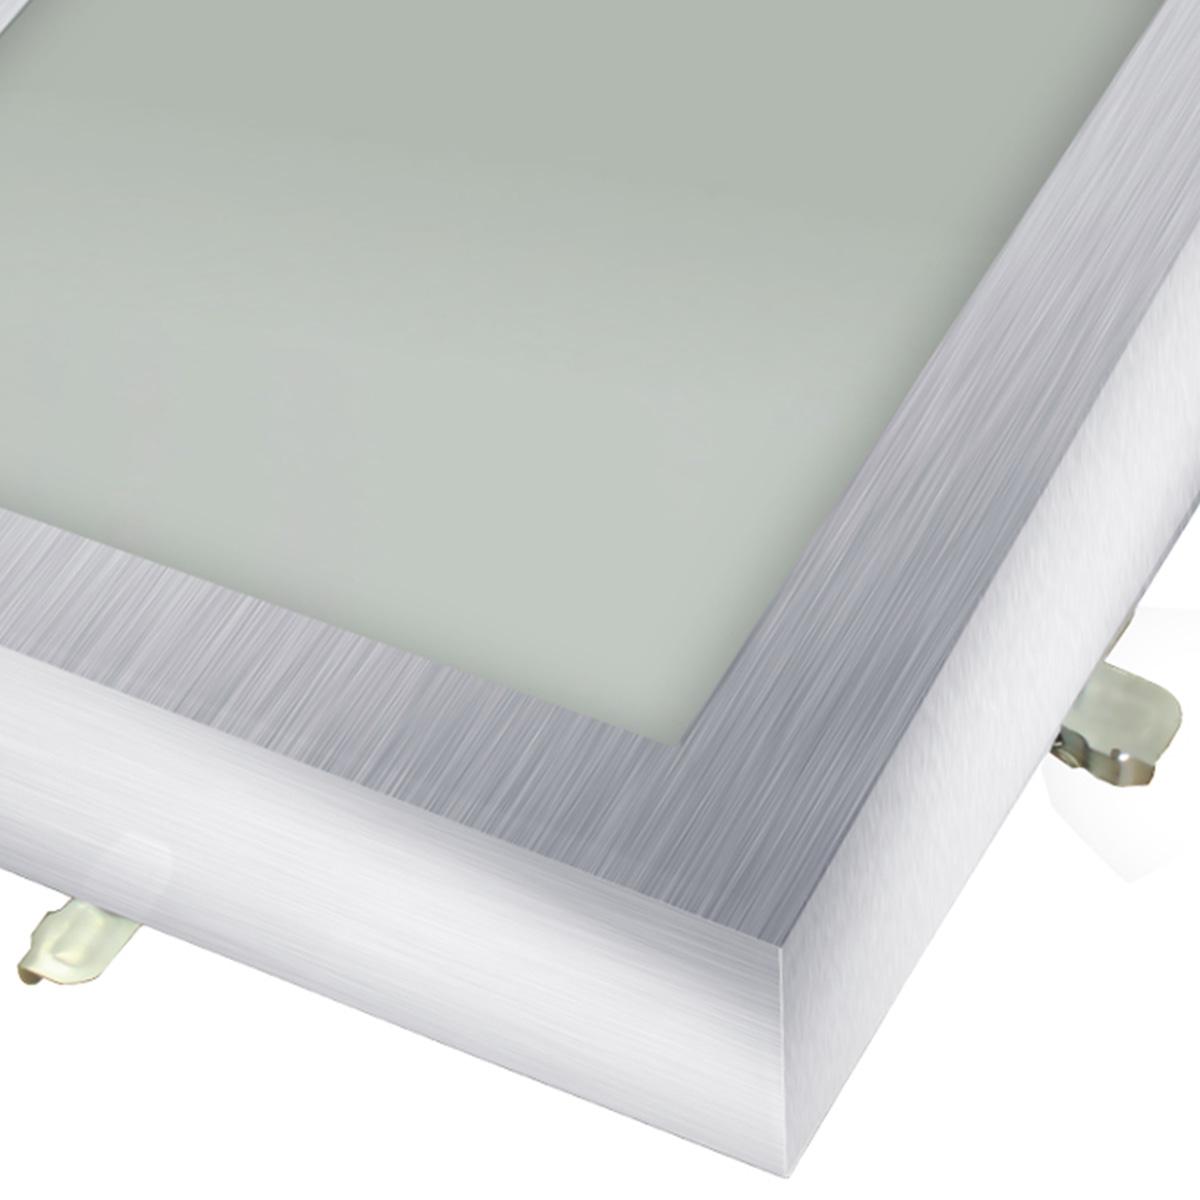 Plafon Space Sobr. Quad. 20cm Alum. Vidro Fosco E-27 1 Lamp. Max 60w Escovado